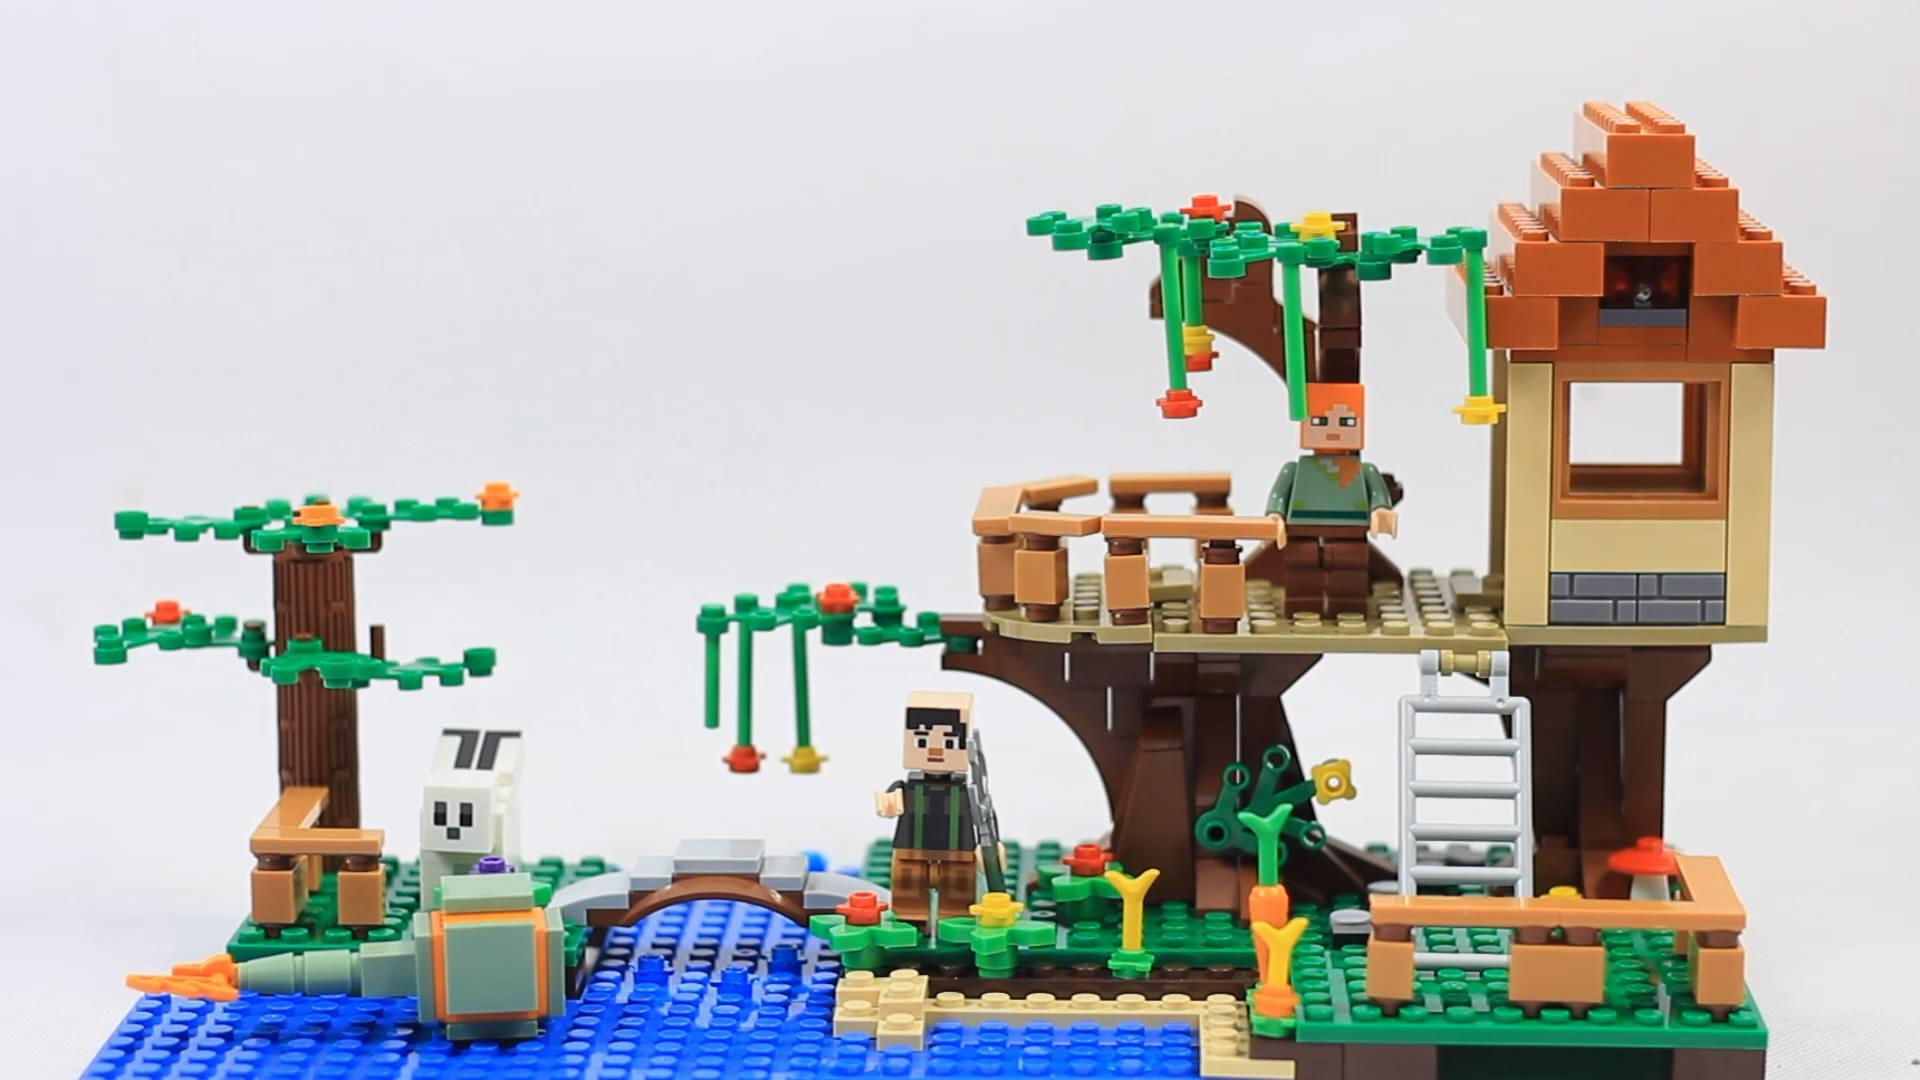 乐高我的世界积木玩具拼装:杰西和艾利克斯的丛林树屋